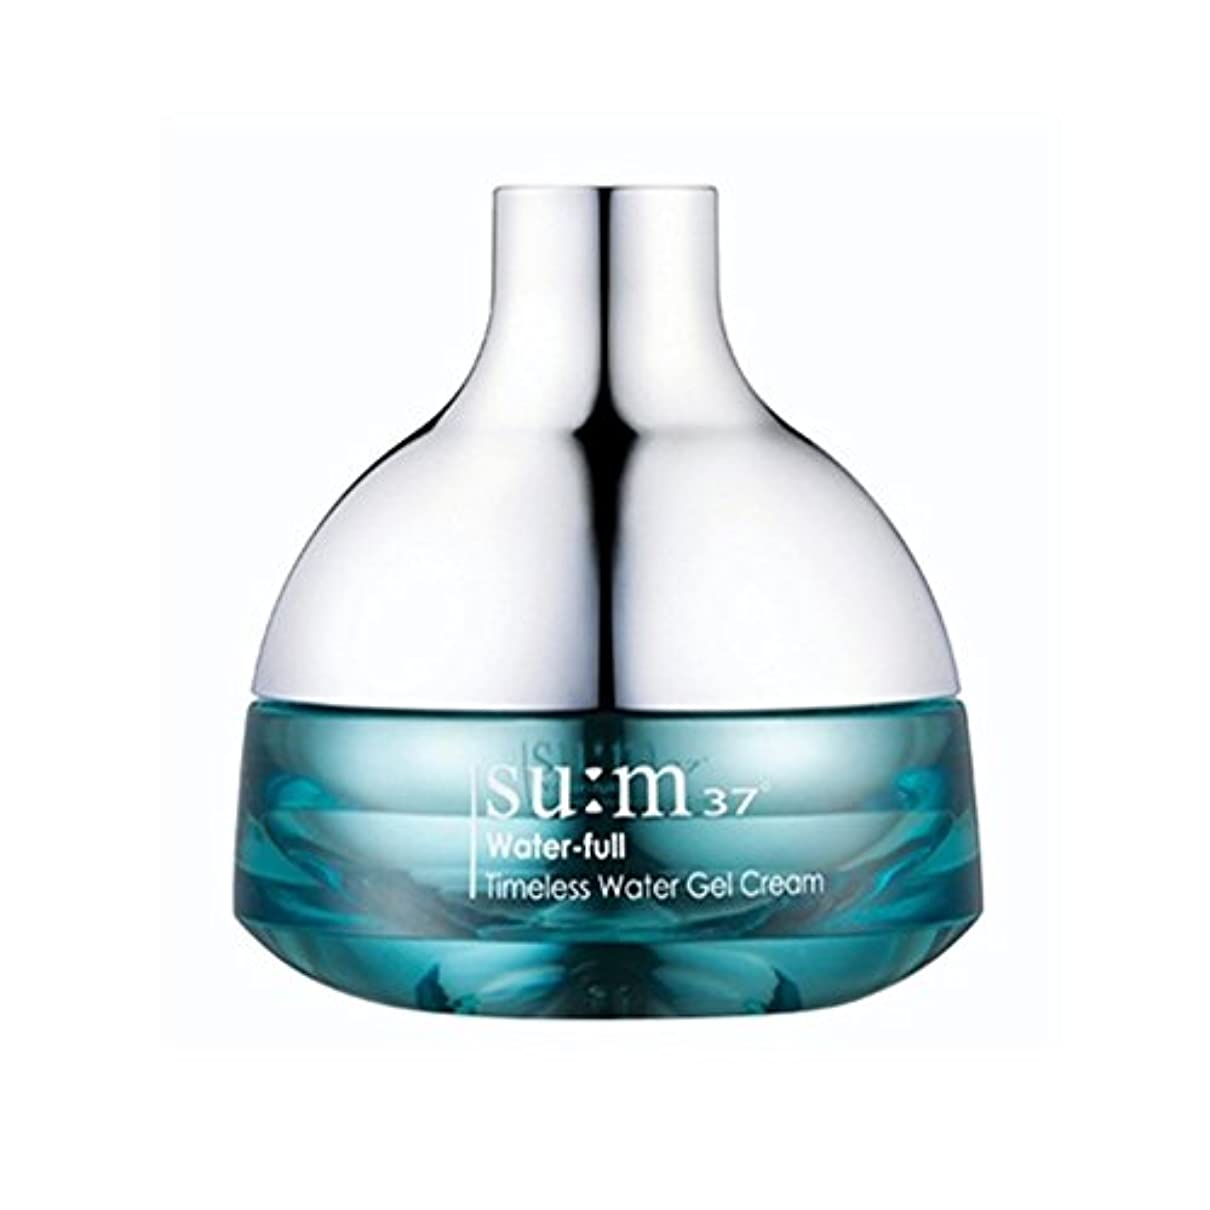 [su:m37/スム37°] SUM37 Water-full Timeless Water Gel Cream 50ml/WF07 sum37 ウォータフル タイムレス ウォータージェルクリーム 50ml +[Sample...